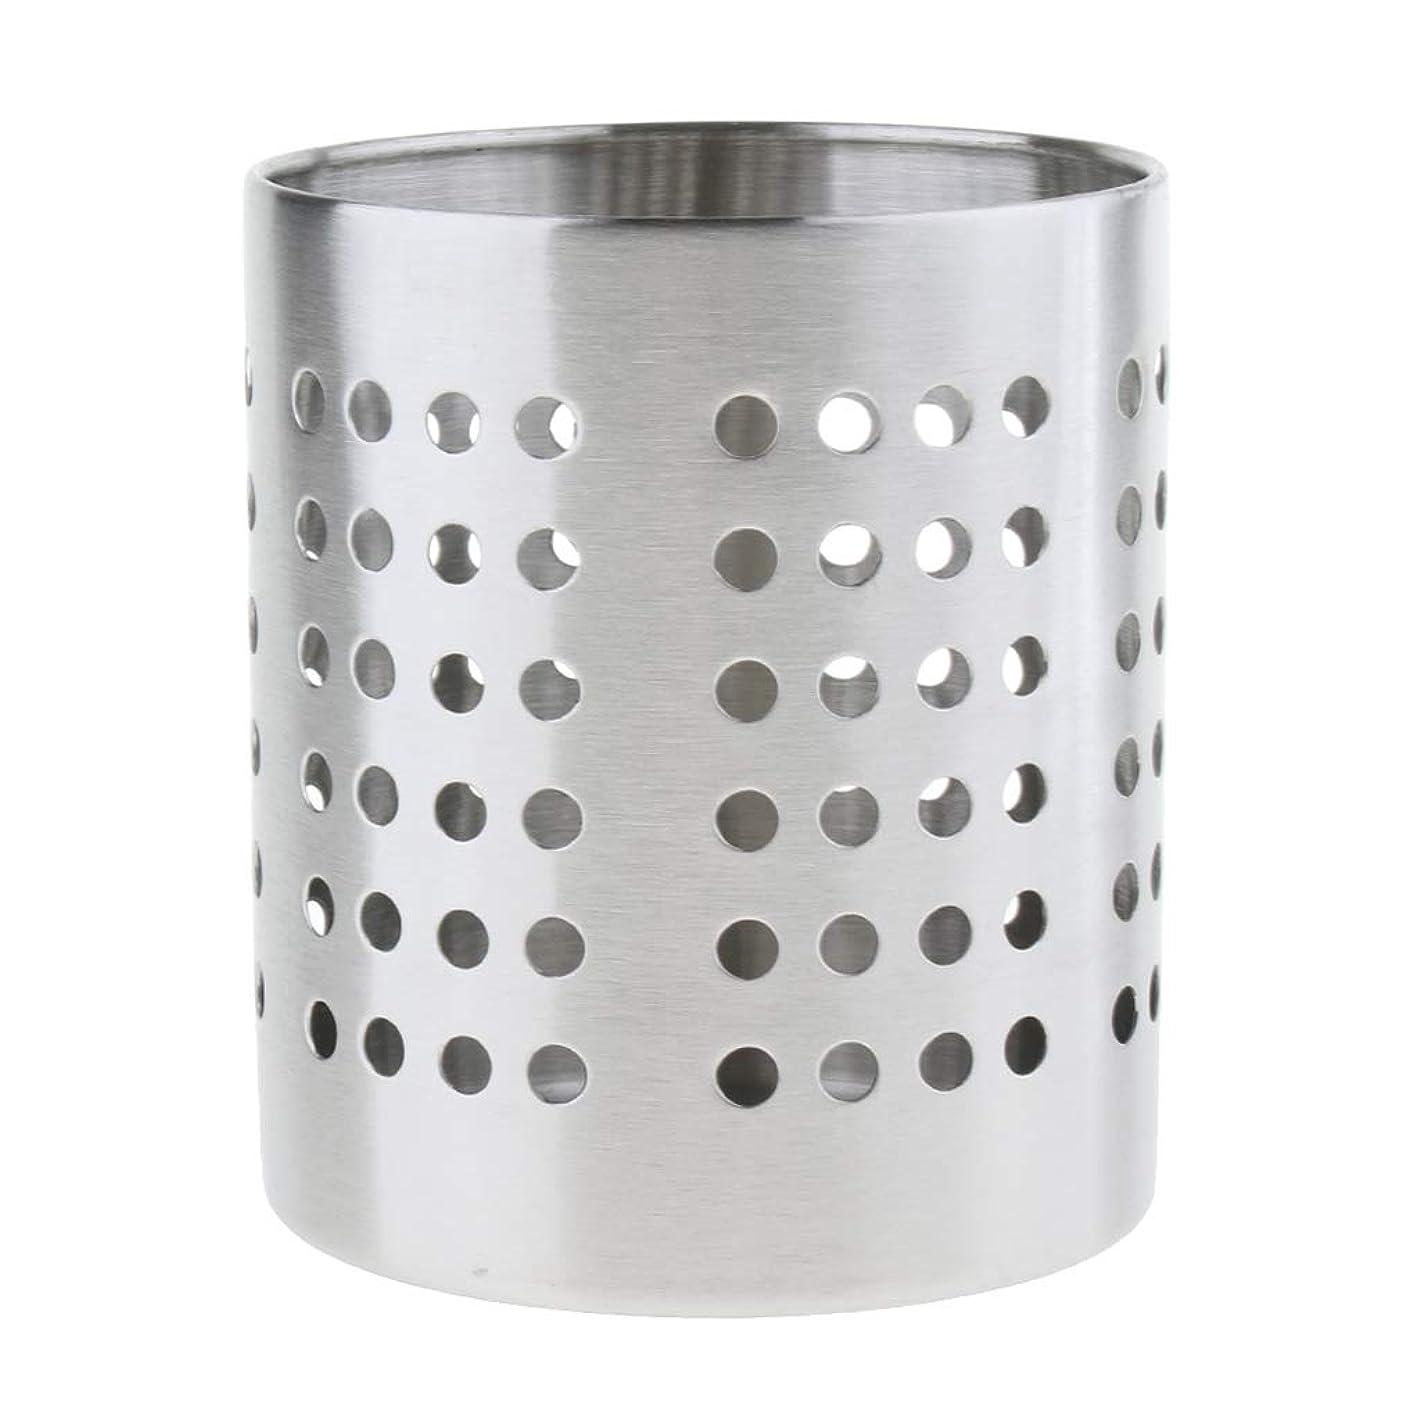 ハンディキャップ覆す聖職者箸スタンド箸立て 金属製 キッチン用品 キッチン収納 ストロースタンド ナイフ 全2サイズ - M